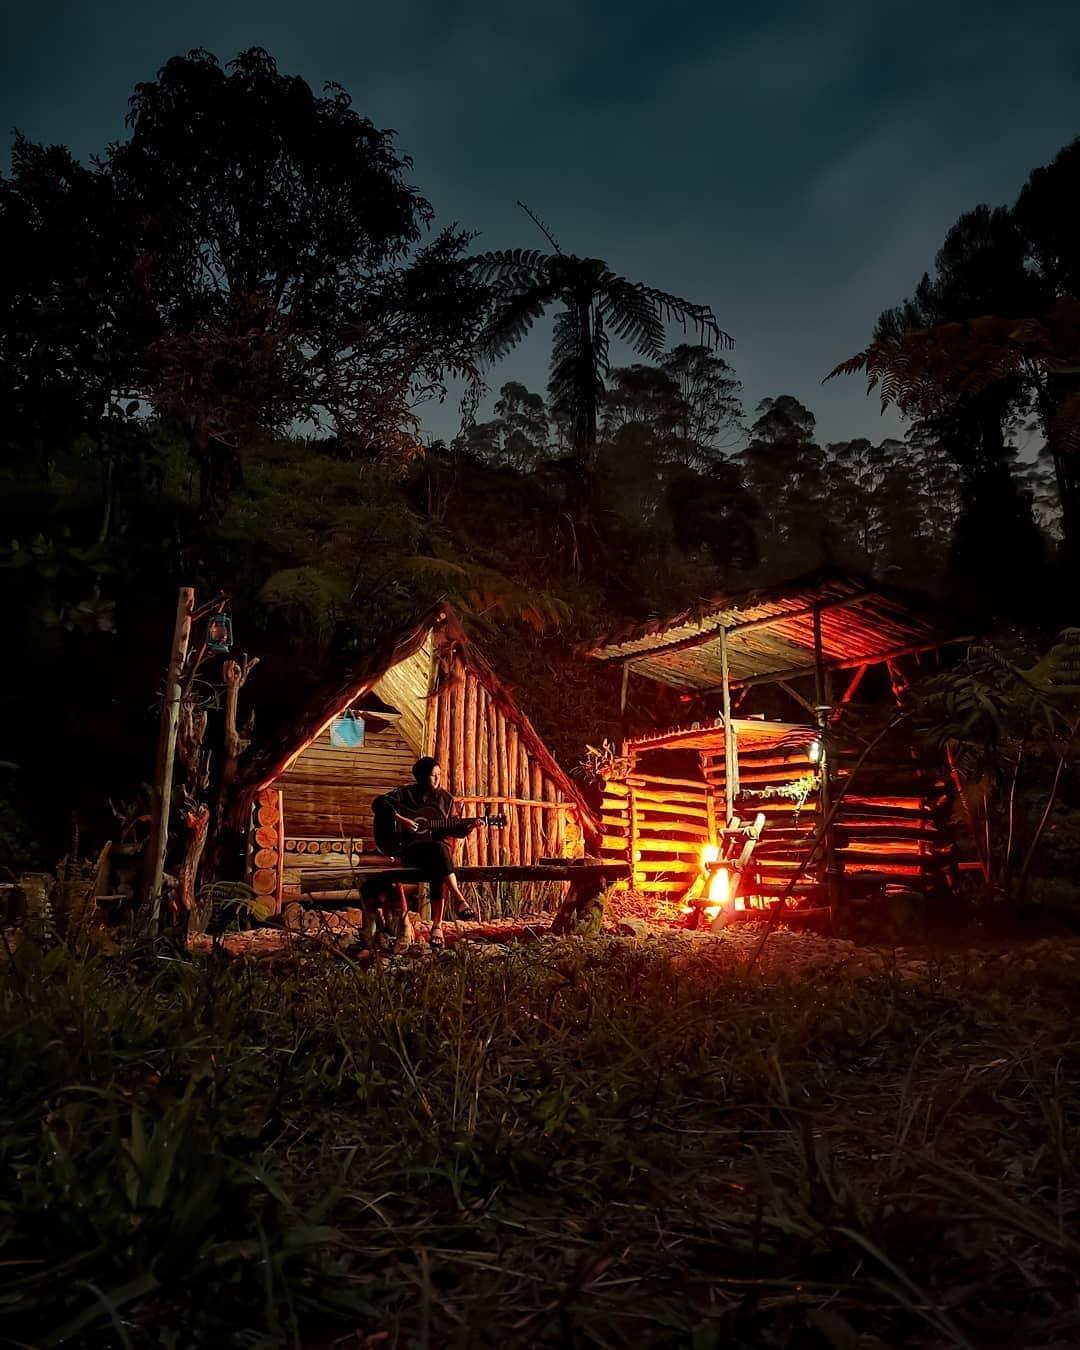 Kemah Di Riung Gunung Pangalengan Image From @wisatapangalengan